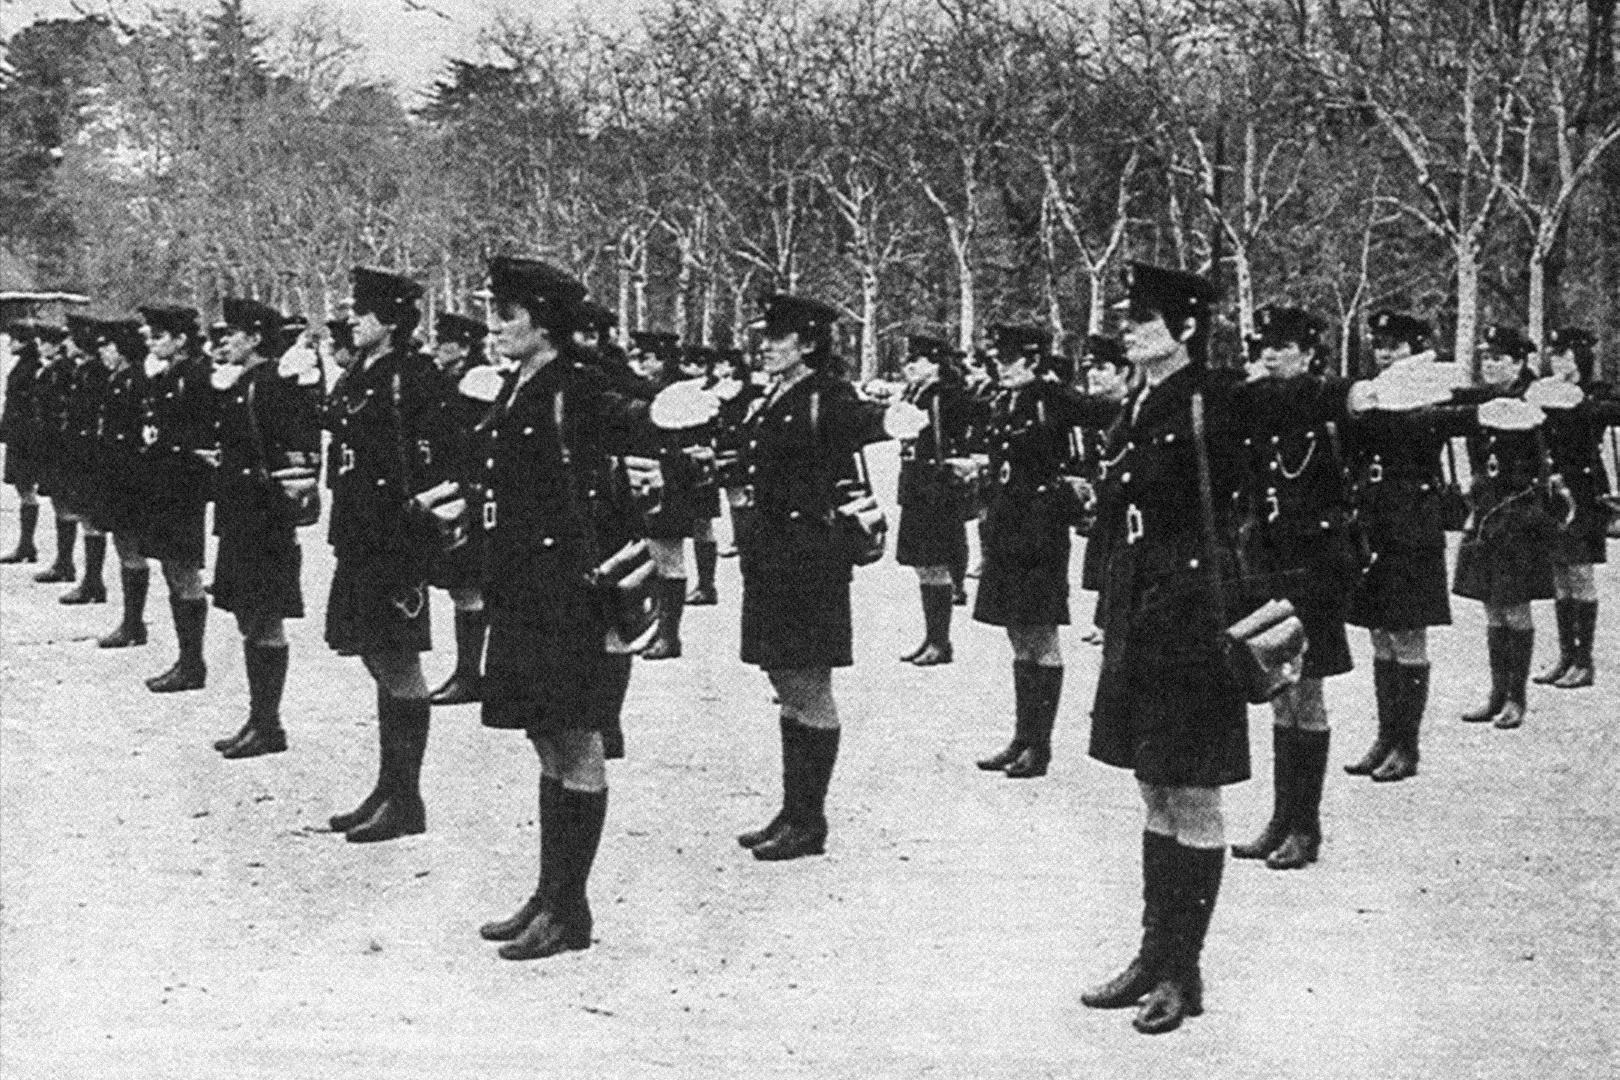 La primera promoción de mujeres, en 1972, en el paseo de Coches del Retiro.